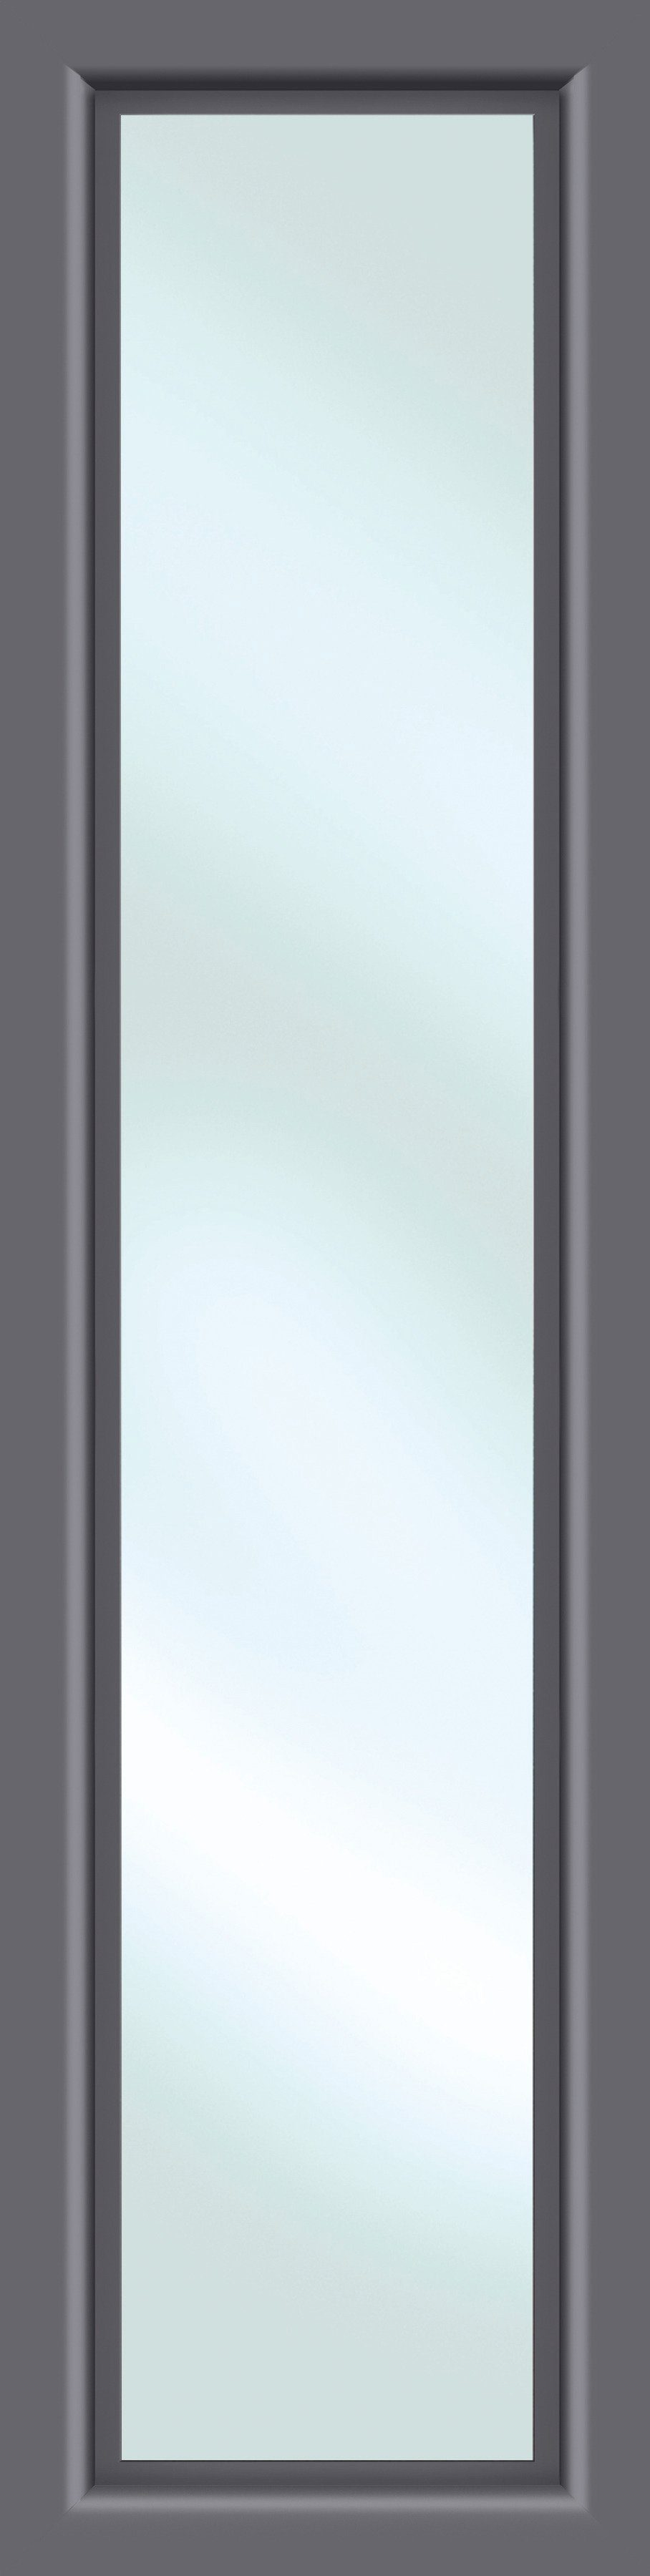 KM MEETH ZAUN GMBH Seitenteile »S01«, für Alu-Haustür, BxH: 50x198 cm, anthrazit